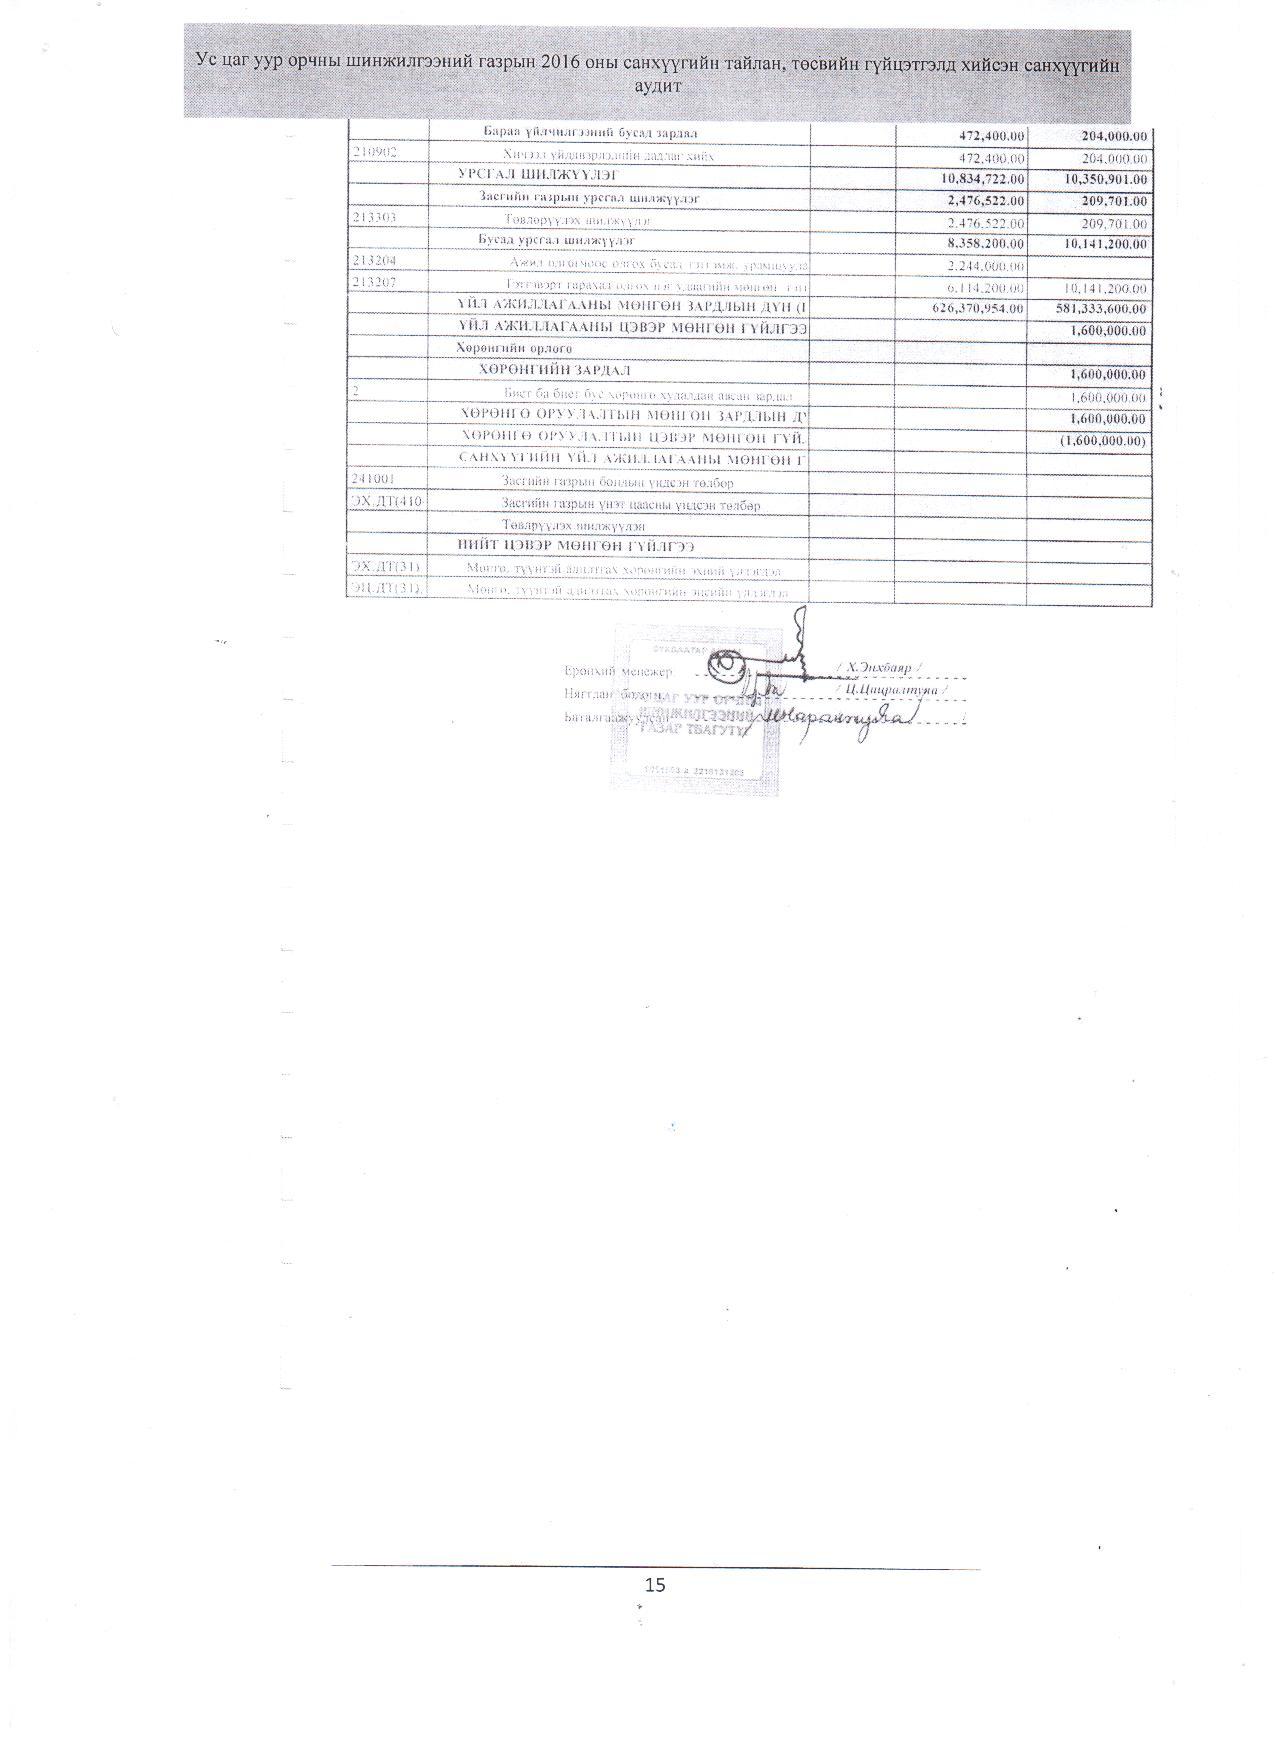 audit18